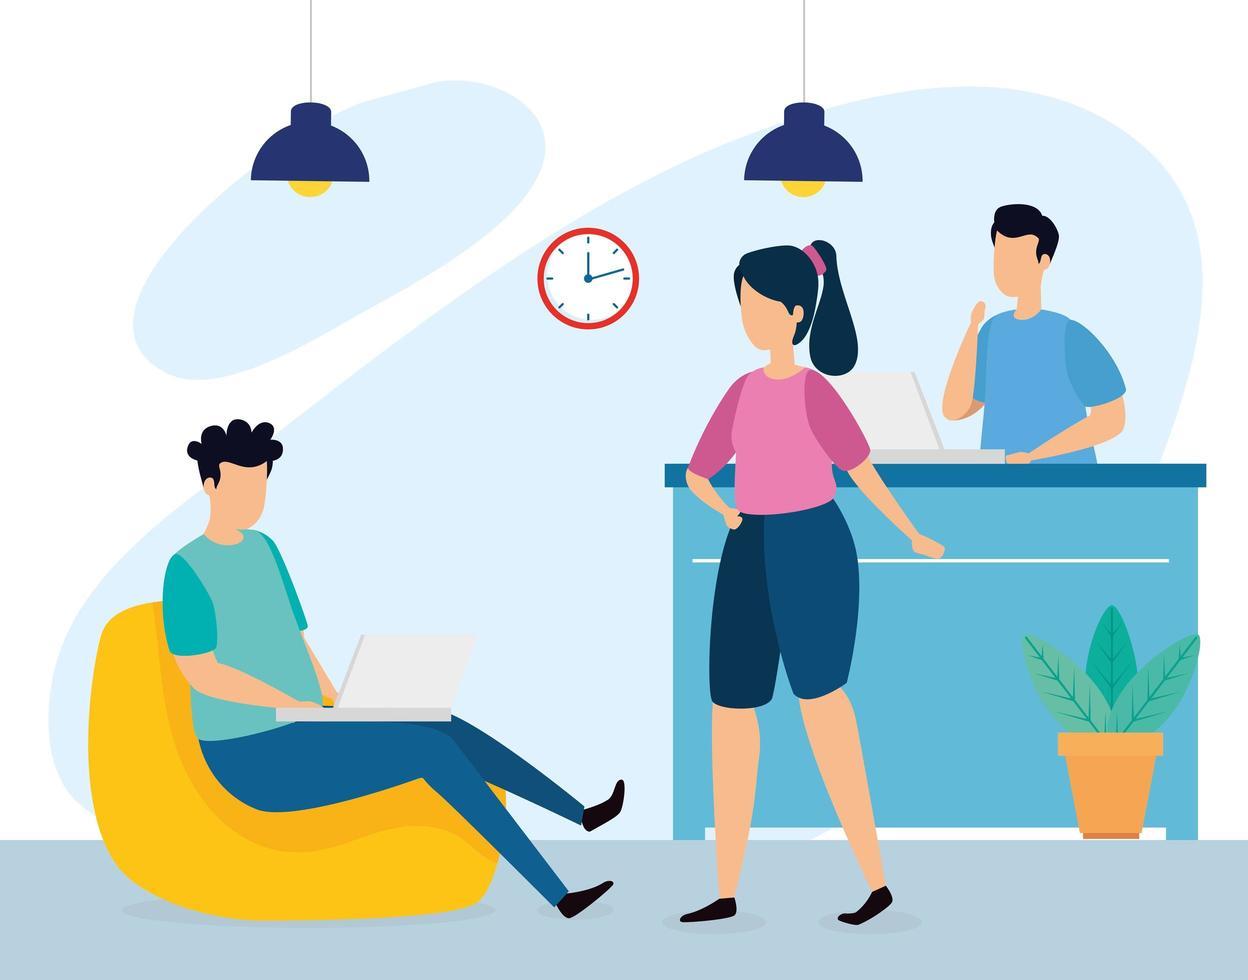 scène van coworking met jonge mensen op kantoor vector